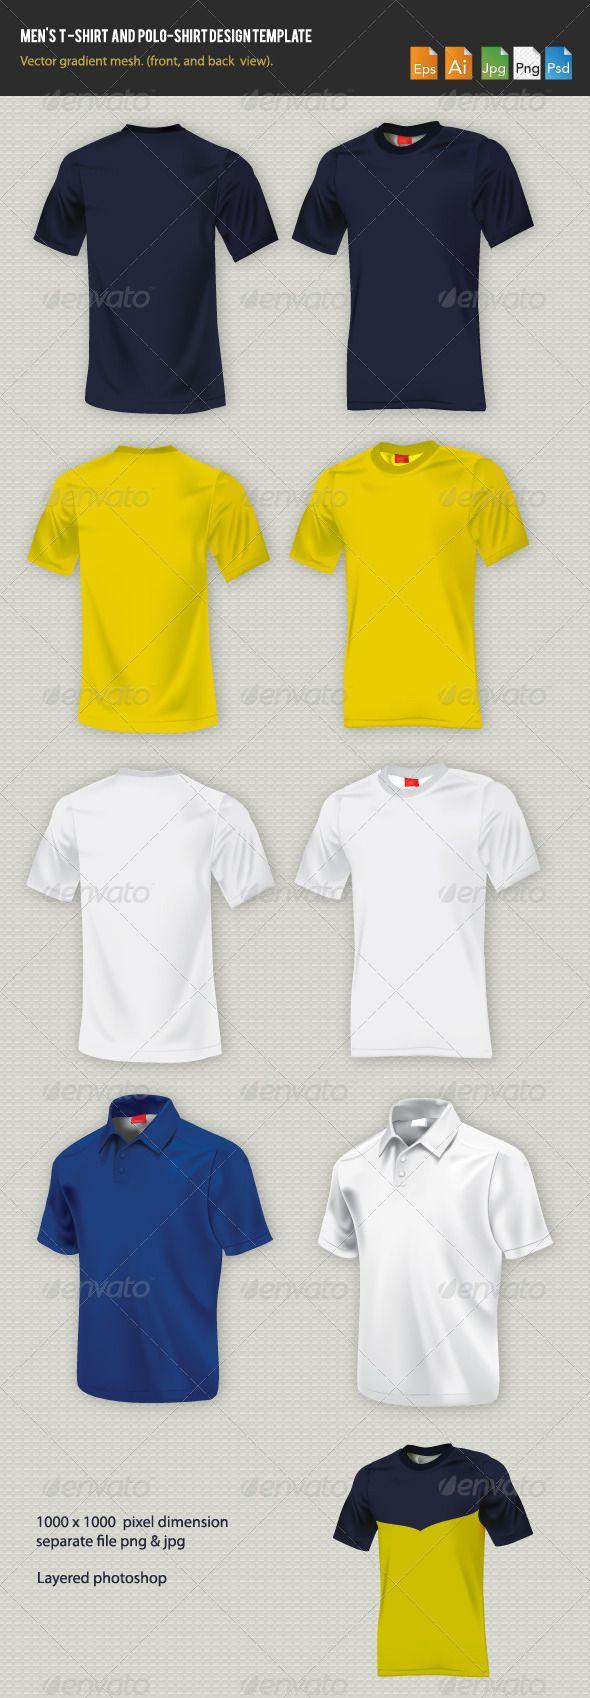 Shirt design photoshop template - Men S T Shirt Design Template